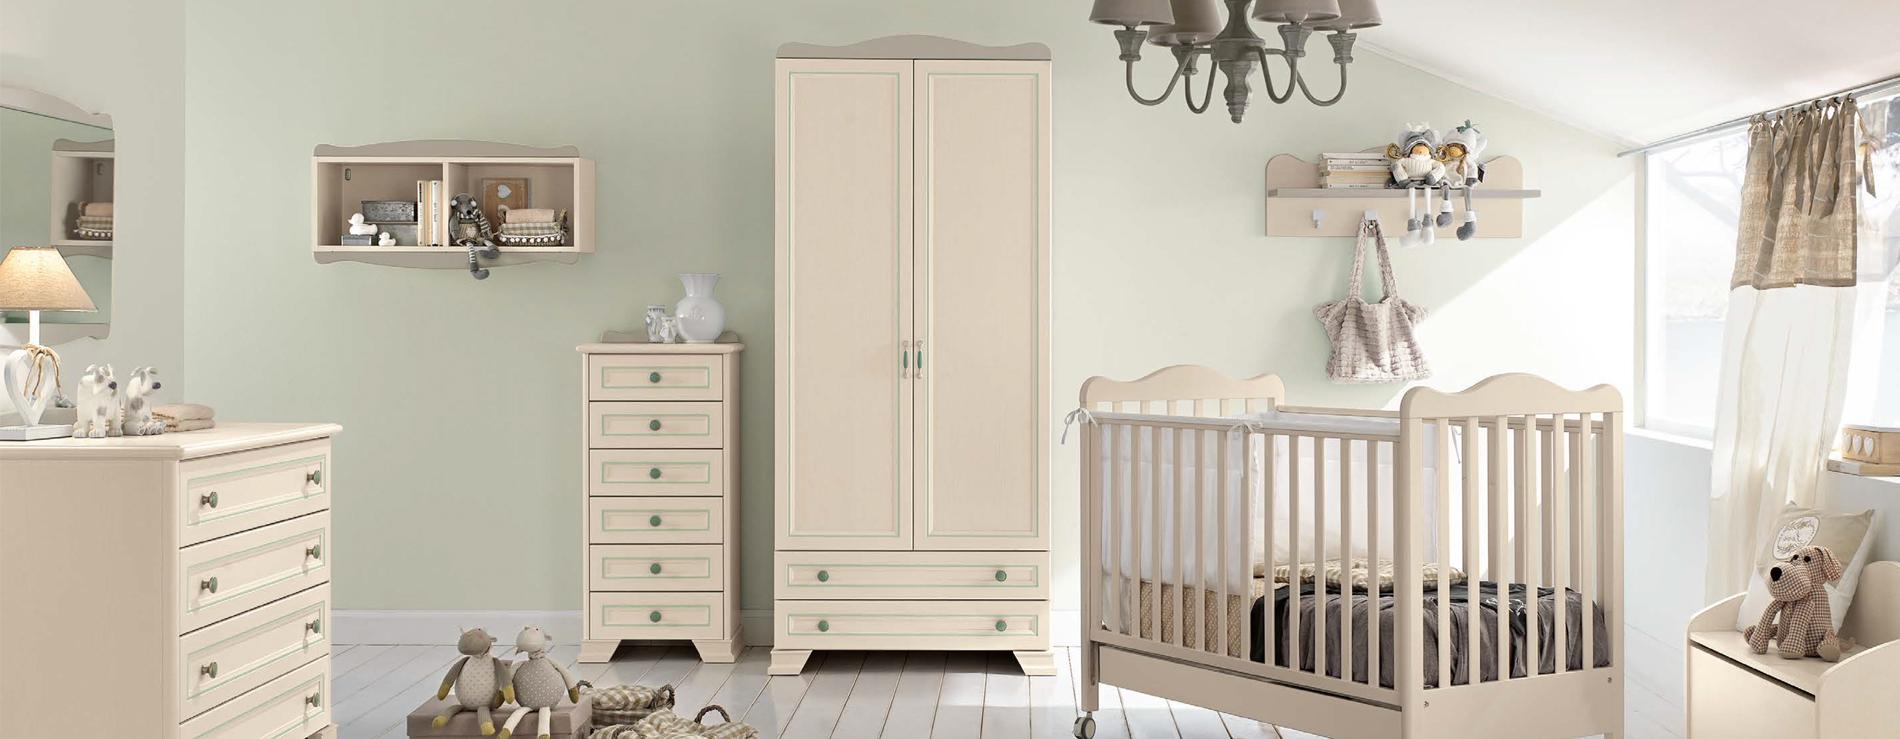 Culle e fasciatoi per la cameretta del vostro bambino - Idee camerette neonato ...